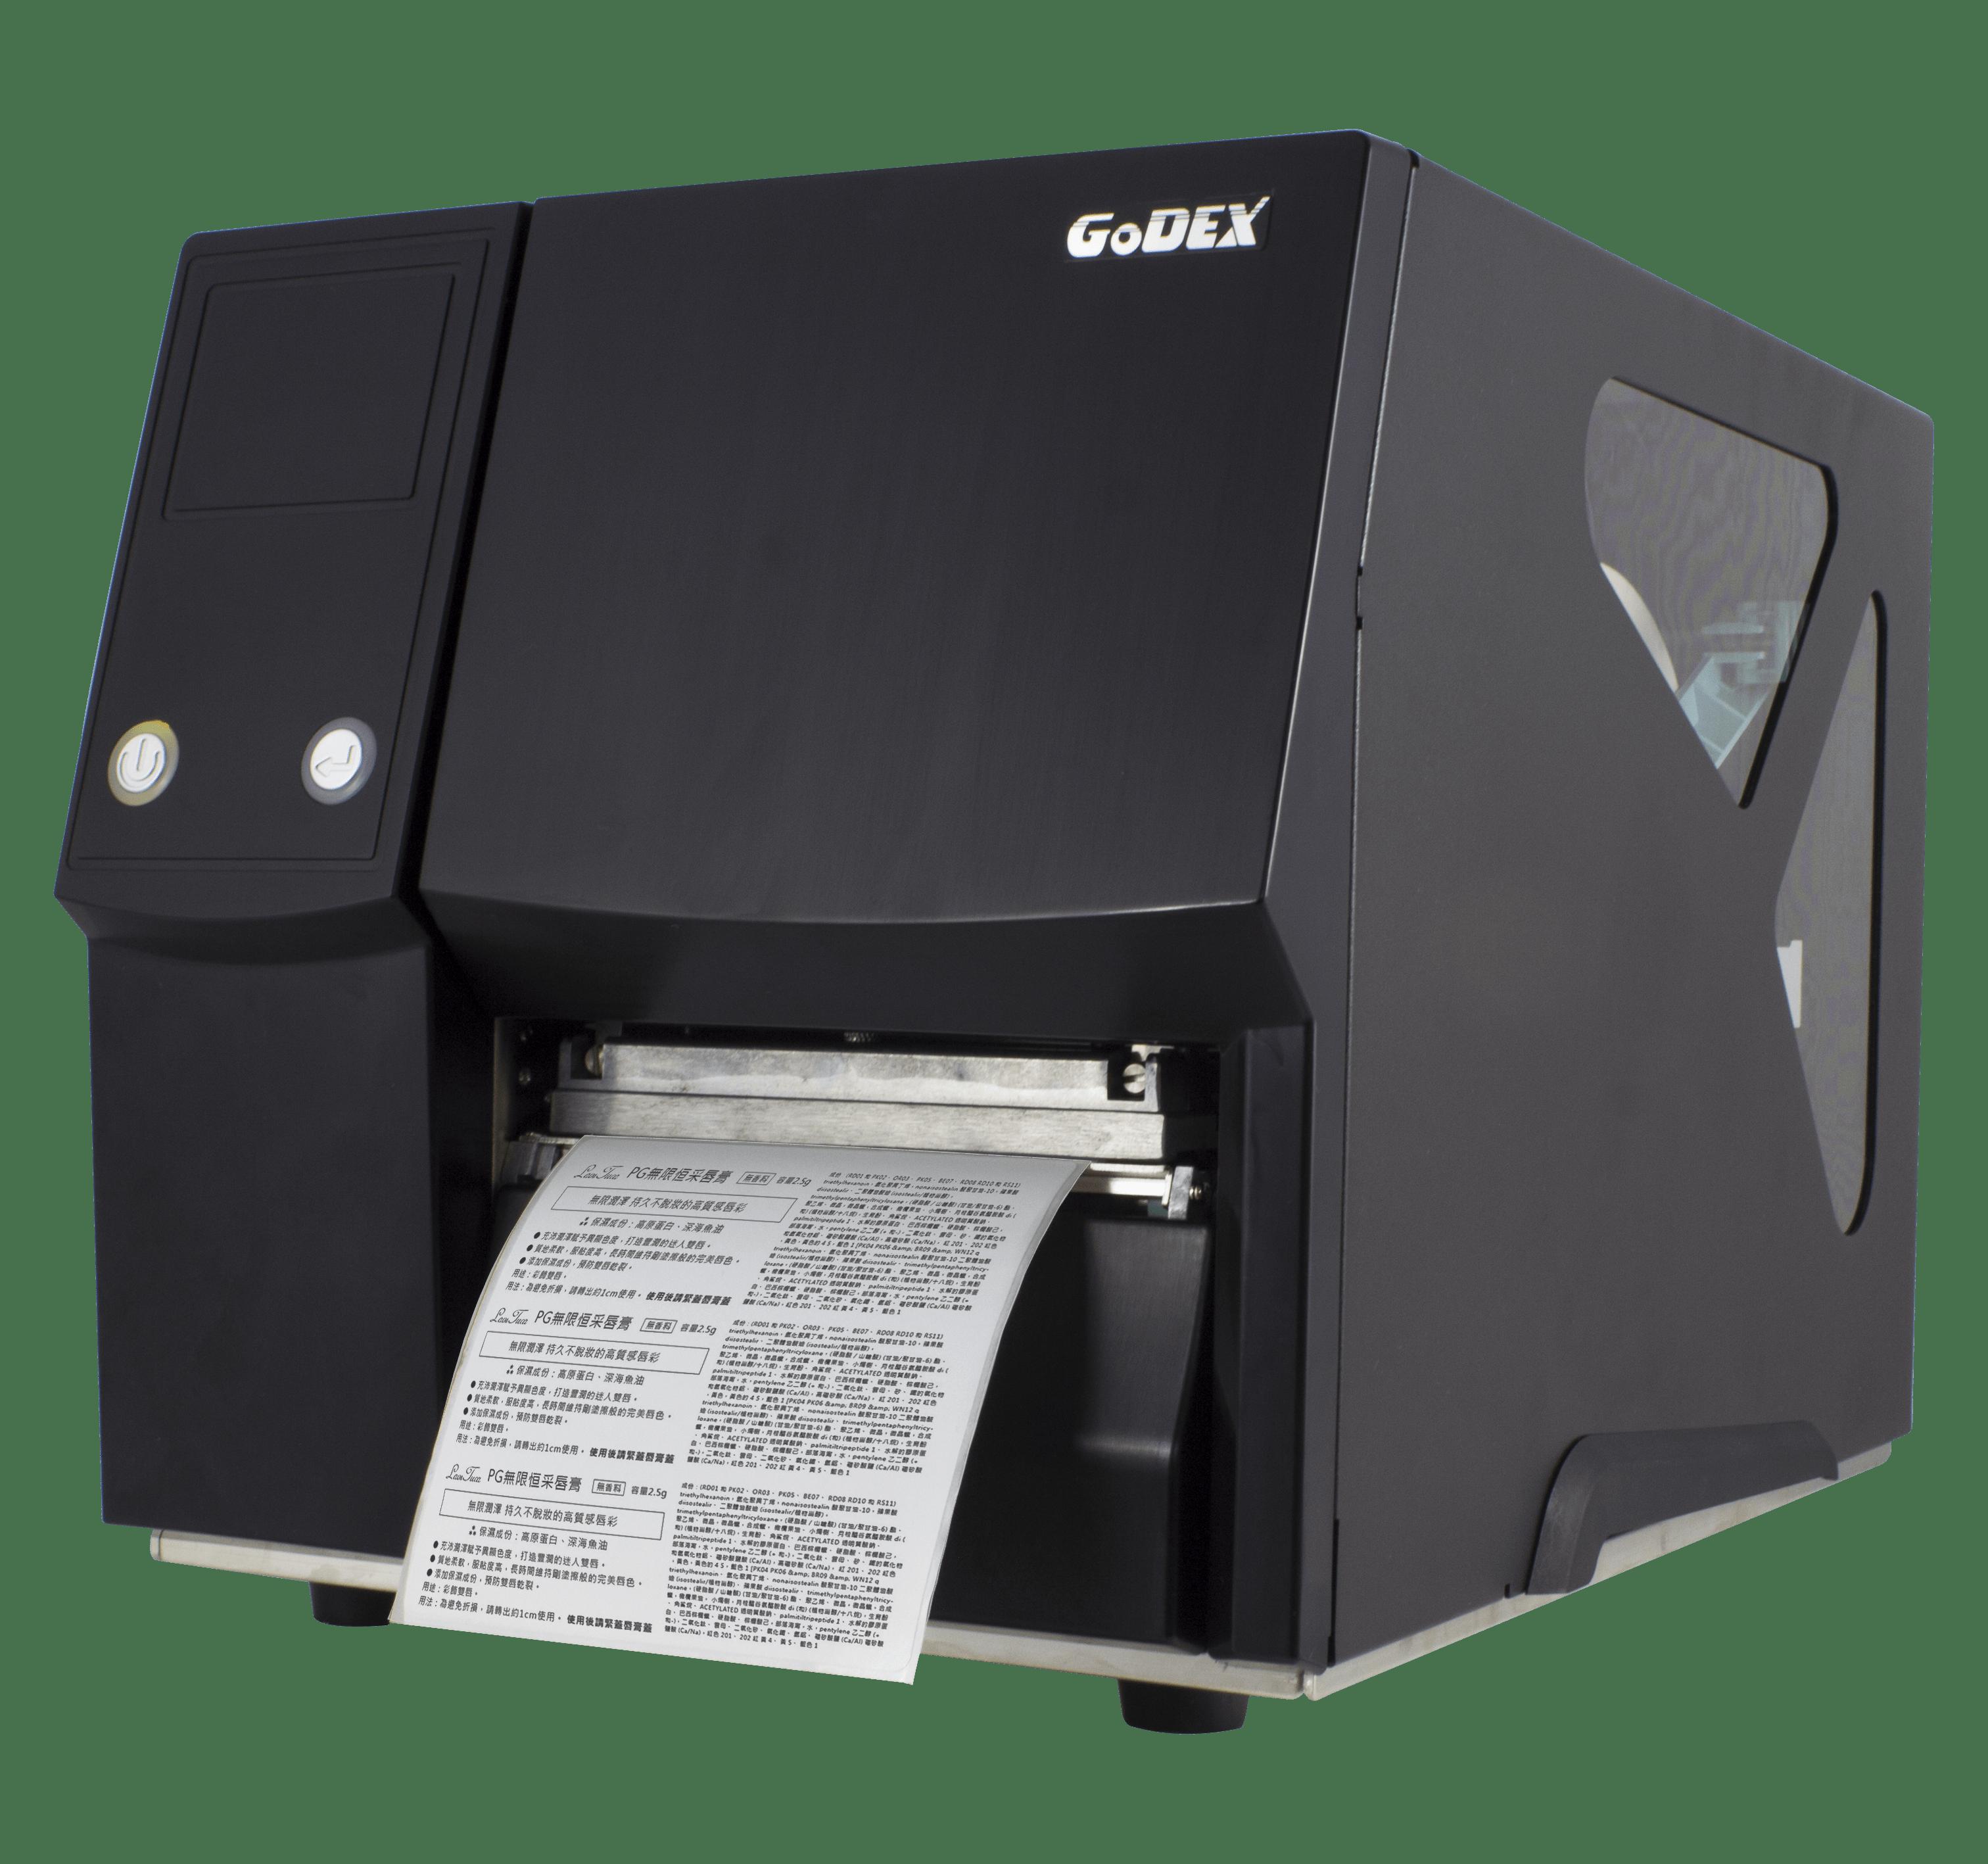 Godex ZX420 labelprinter